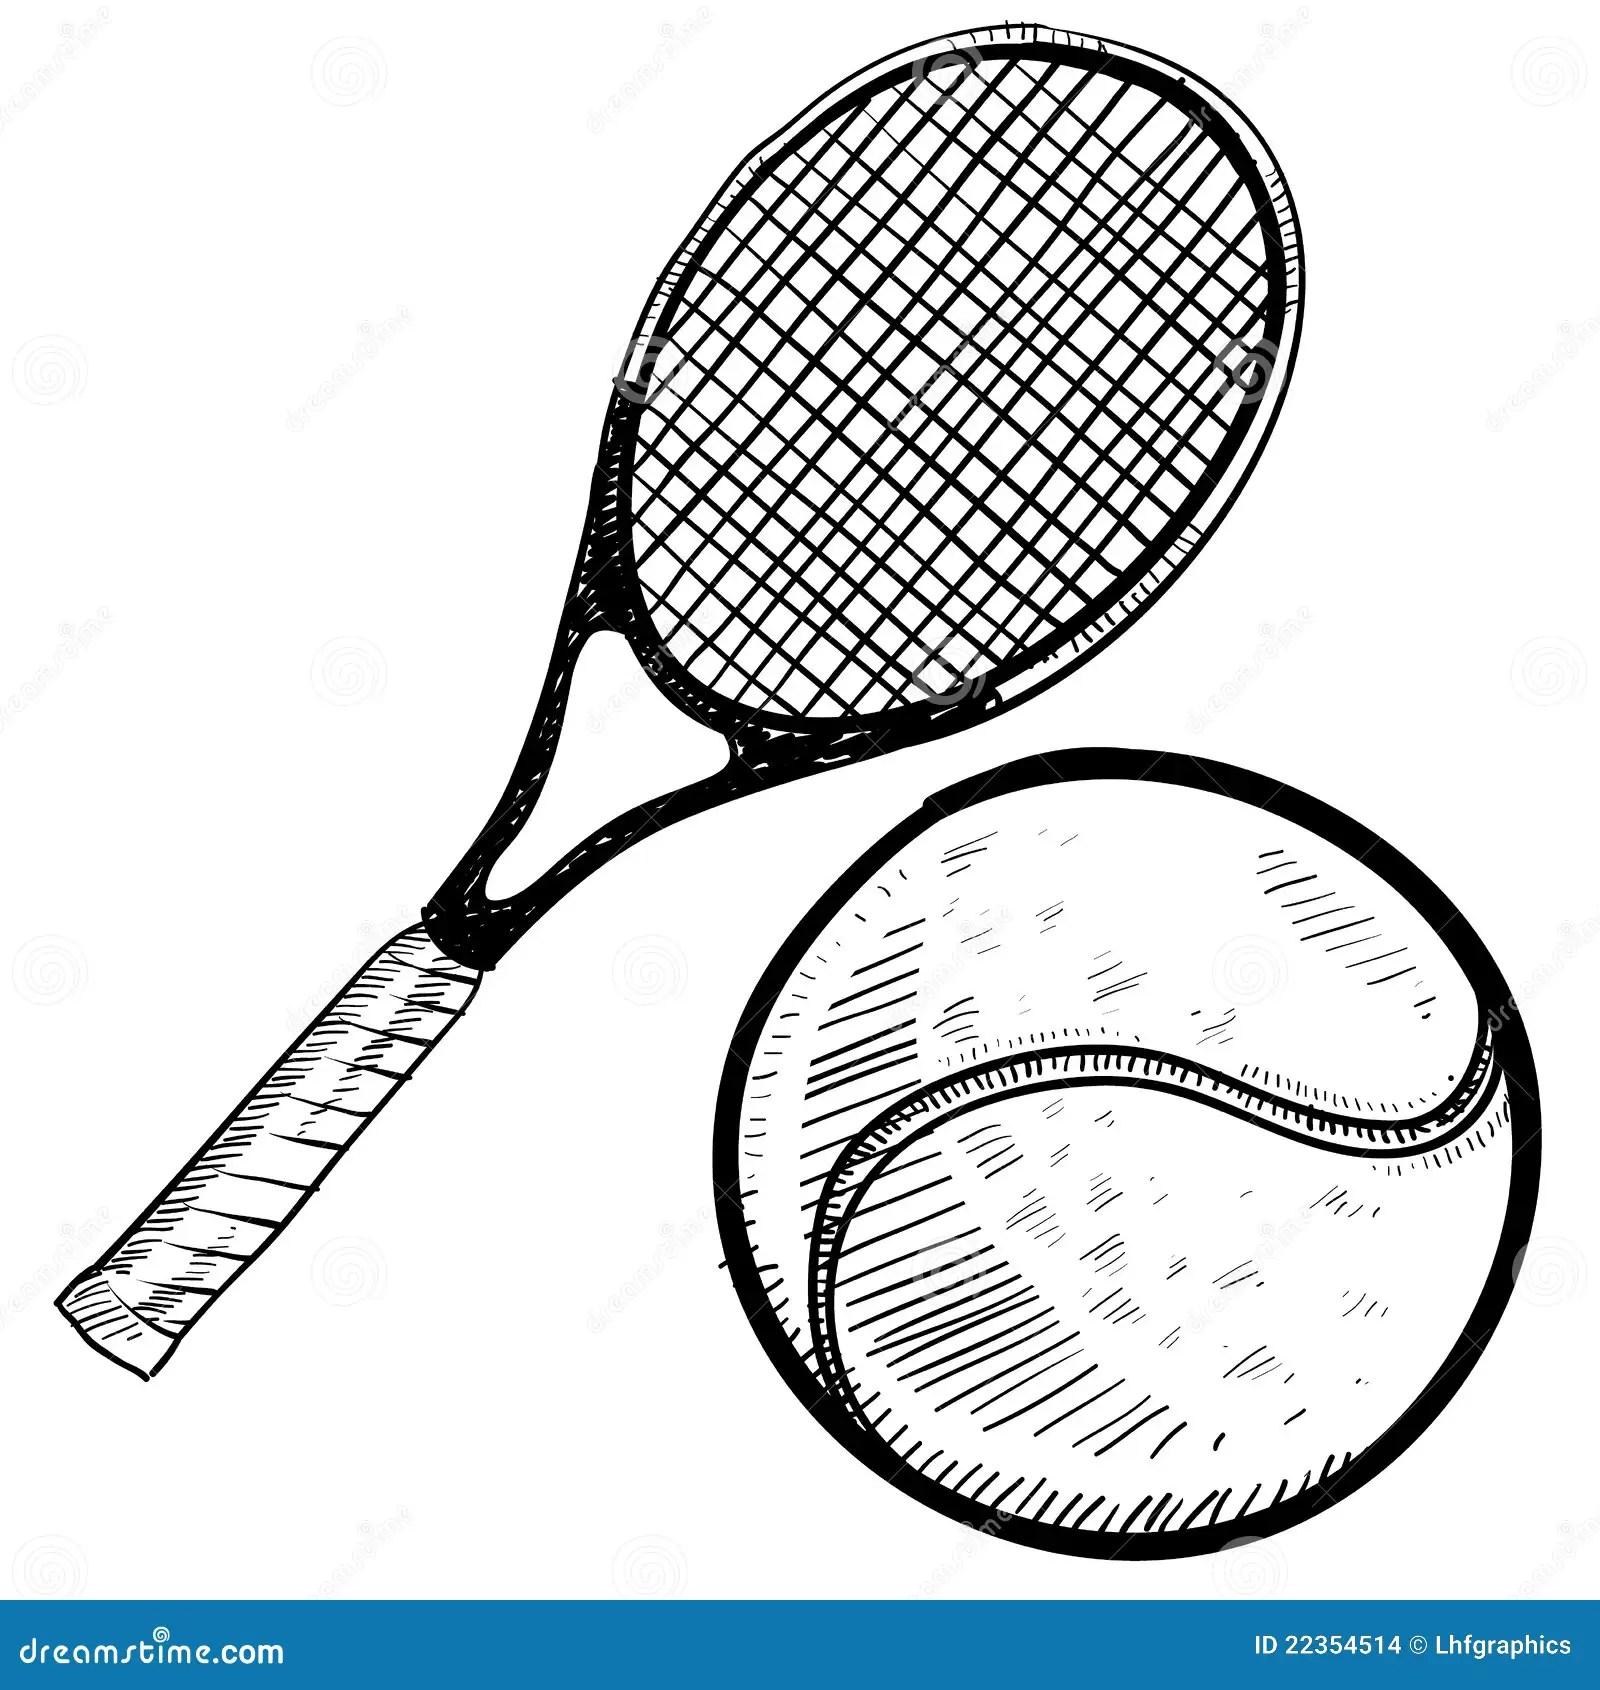 Tennis Ball And Racquet Sketch Stock Vector